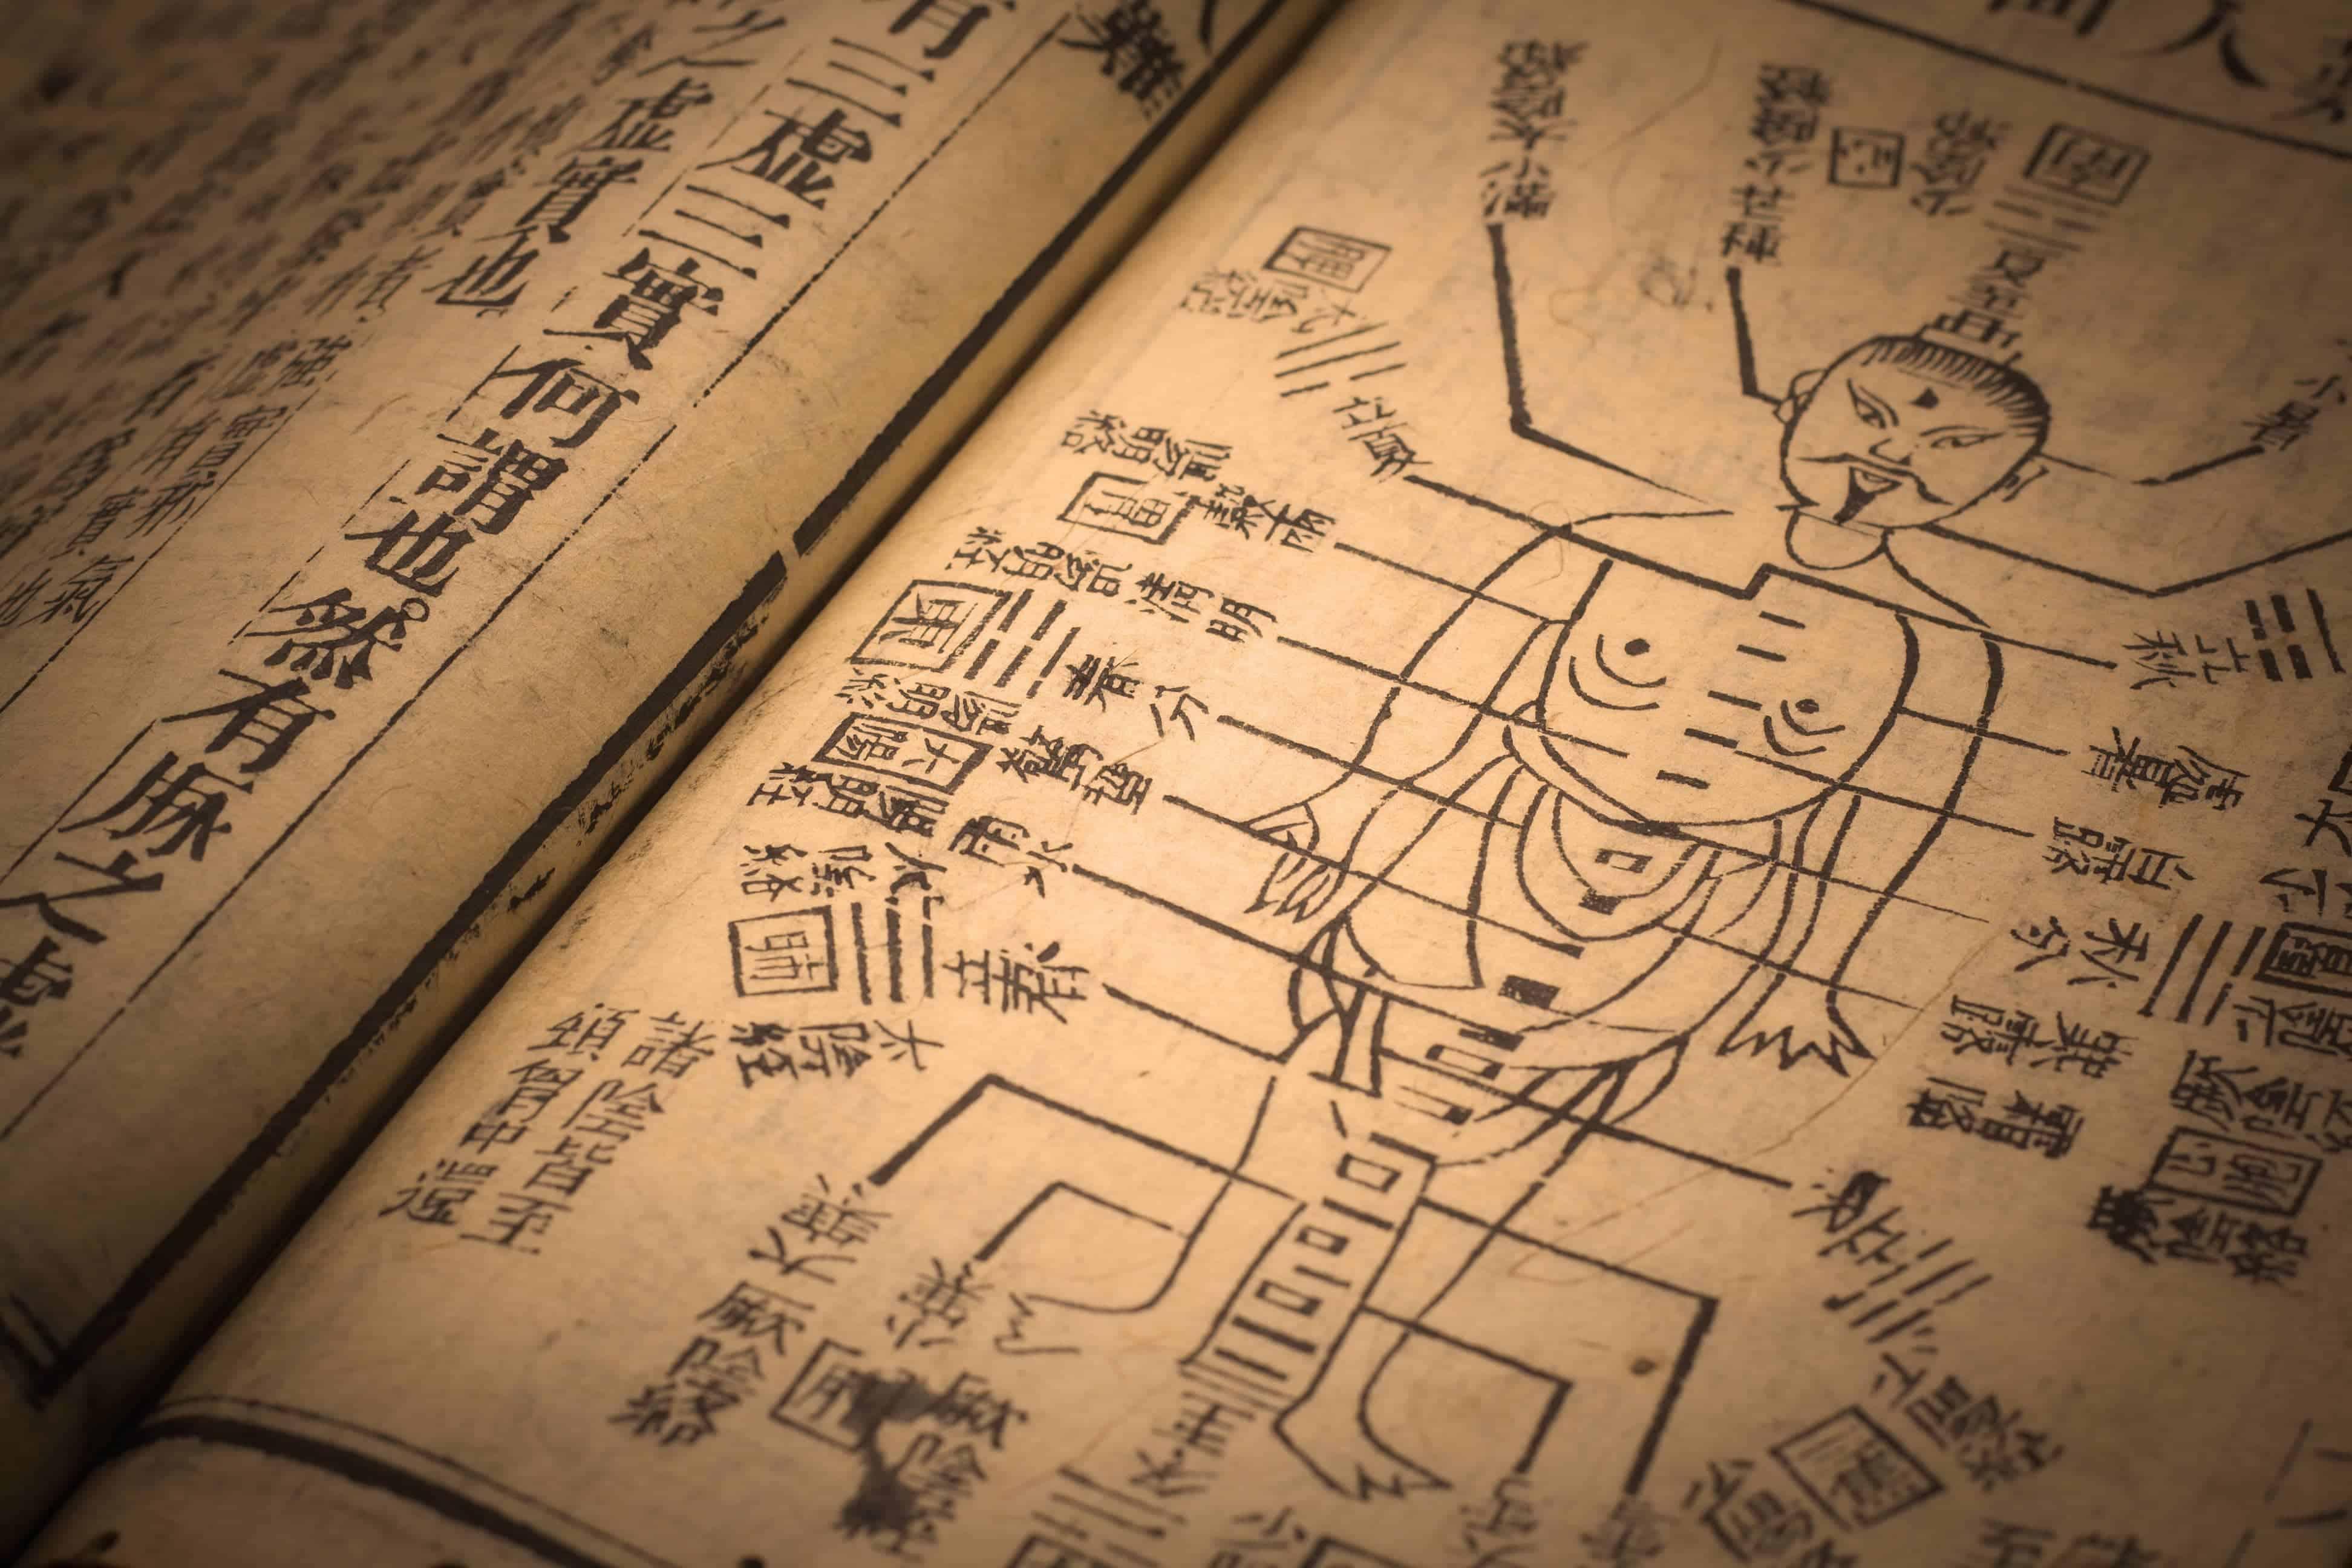 acupuntura livro antigo acupuntura